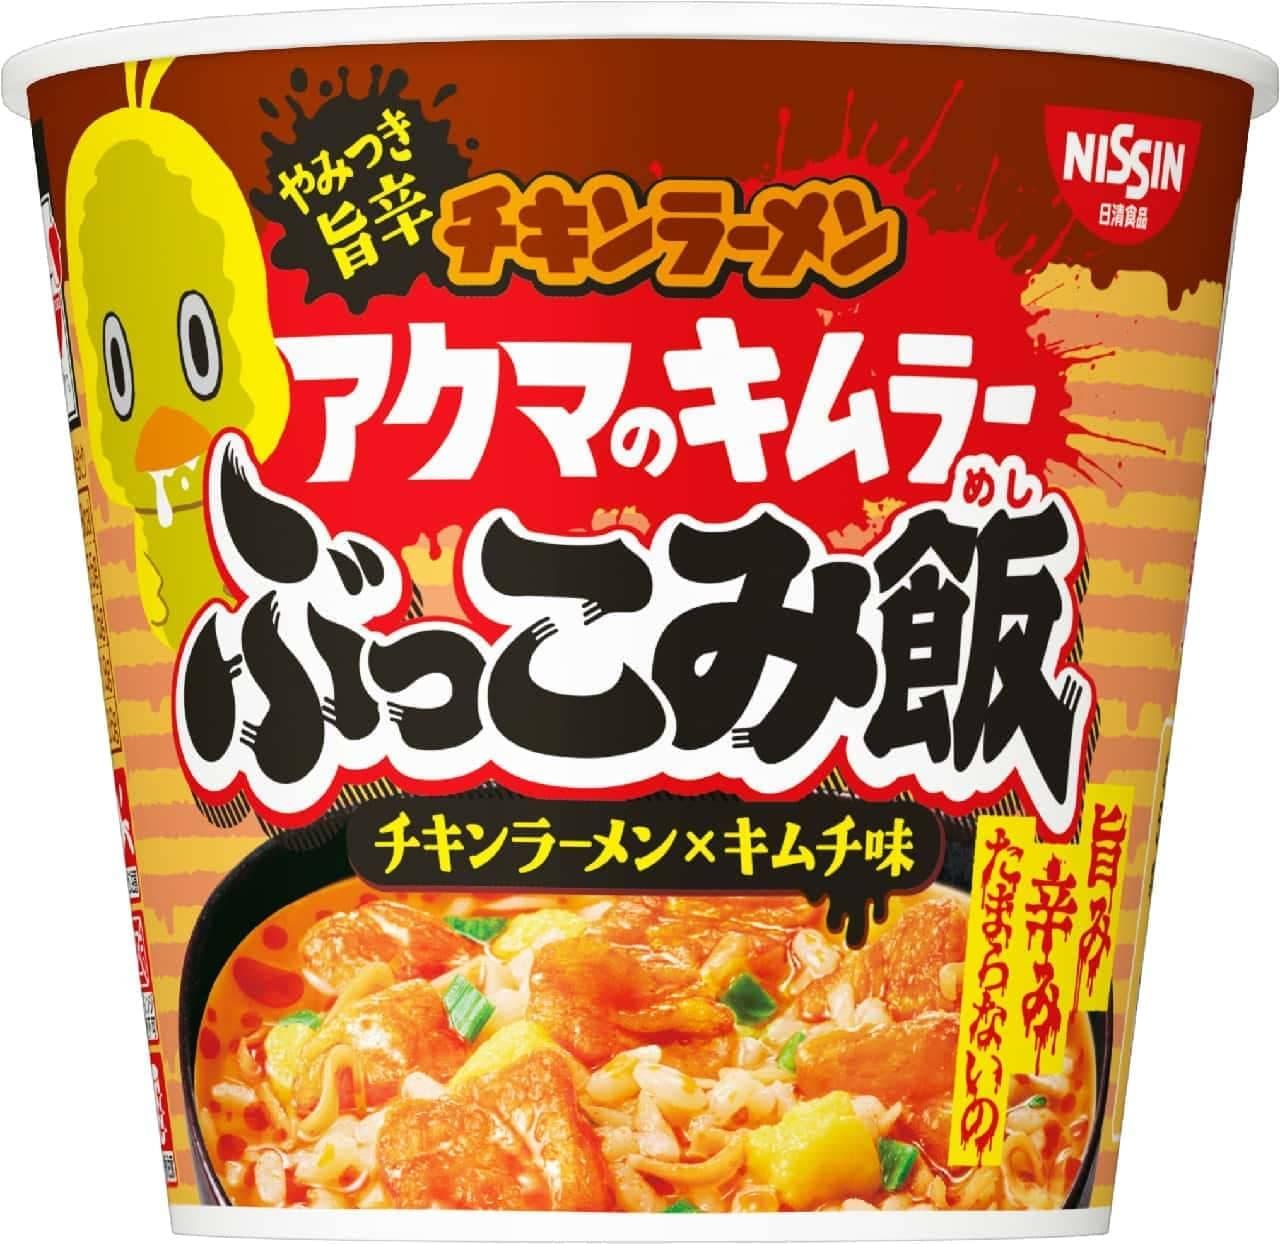 日清食品「チキンラーメン アクマのキムラー ぶっこみ飯」